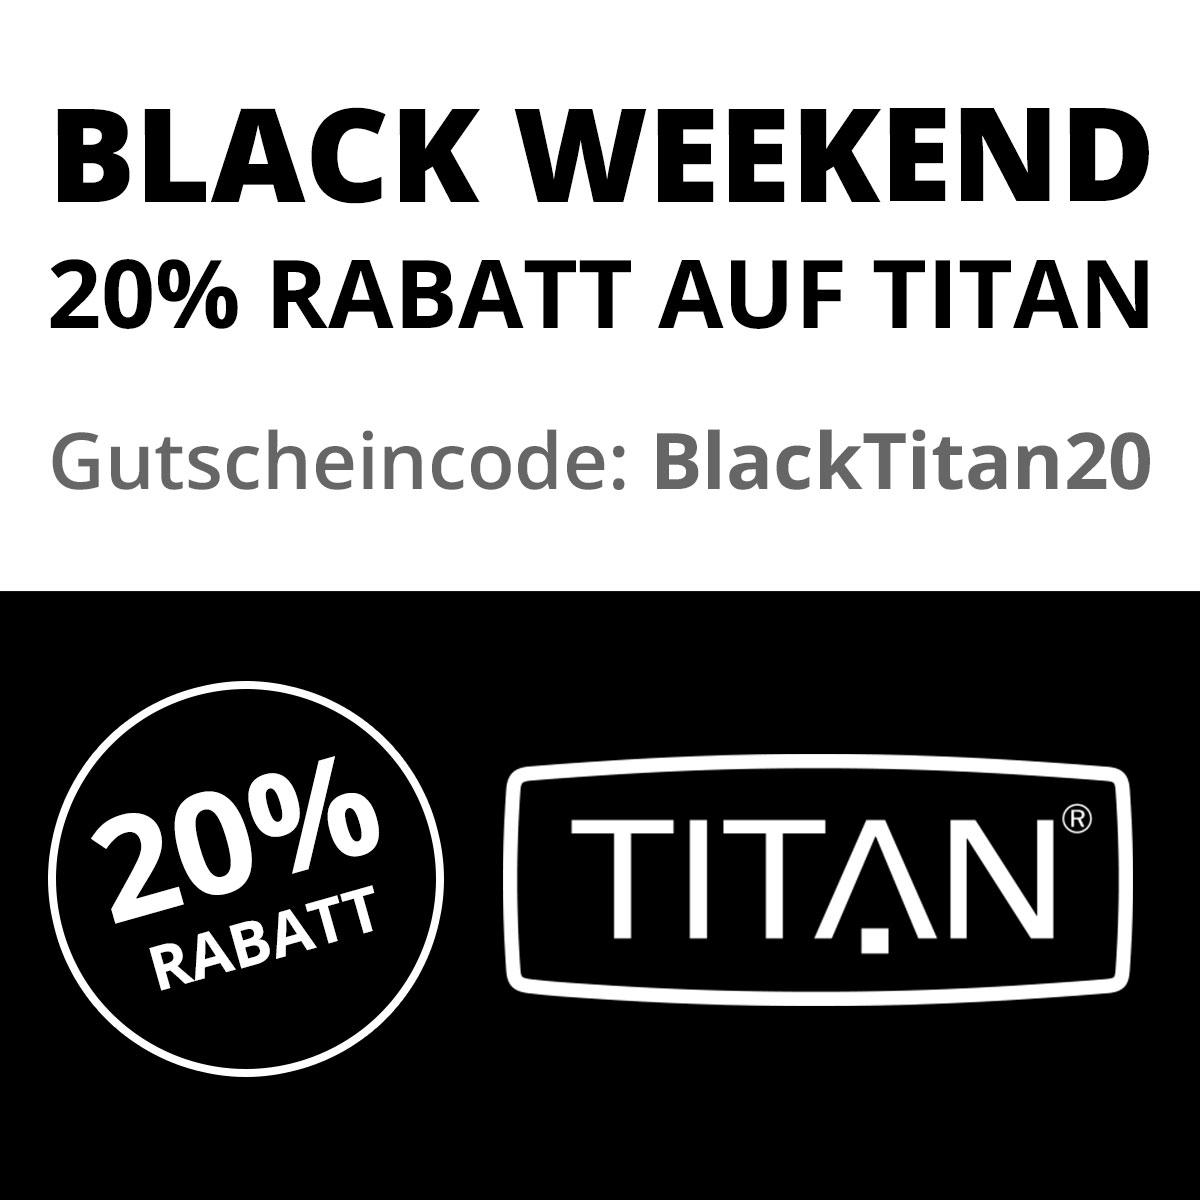 20% Rabatt auf alle Artikel der Marke Titan [BLACK WEEKEND]